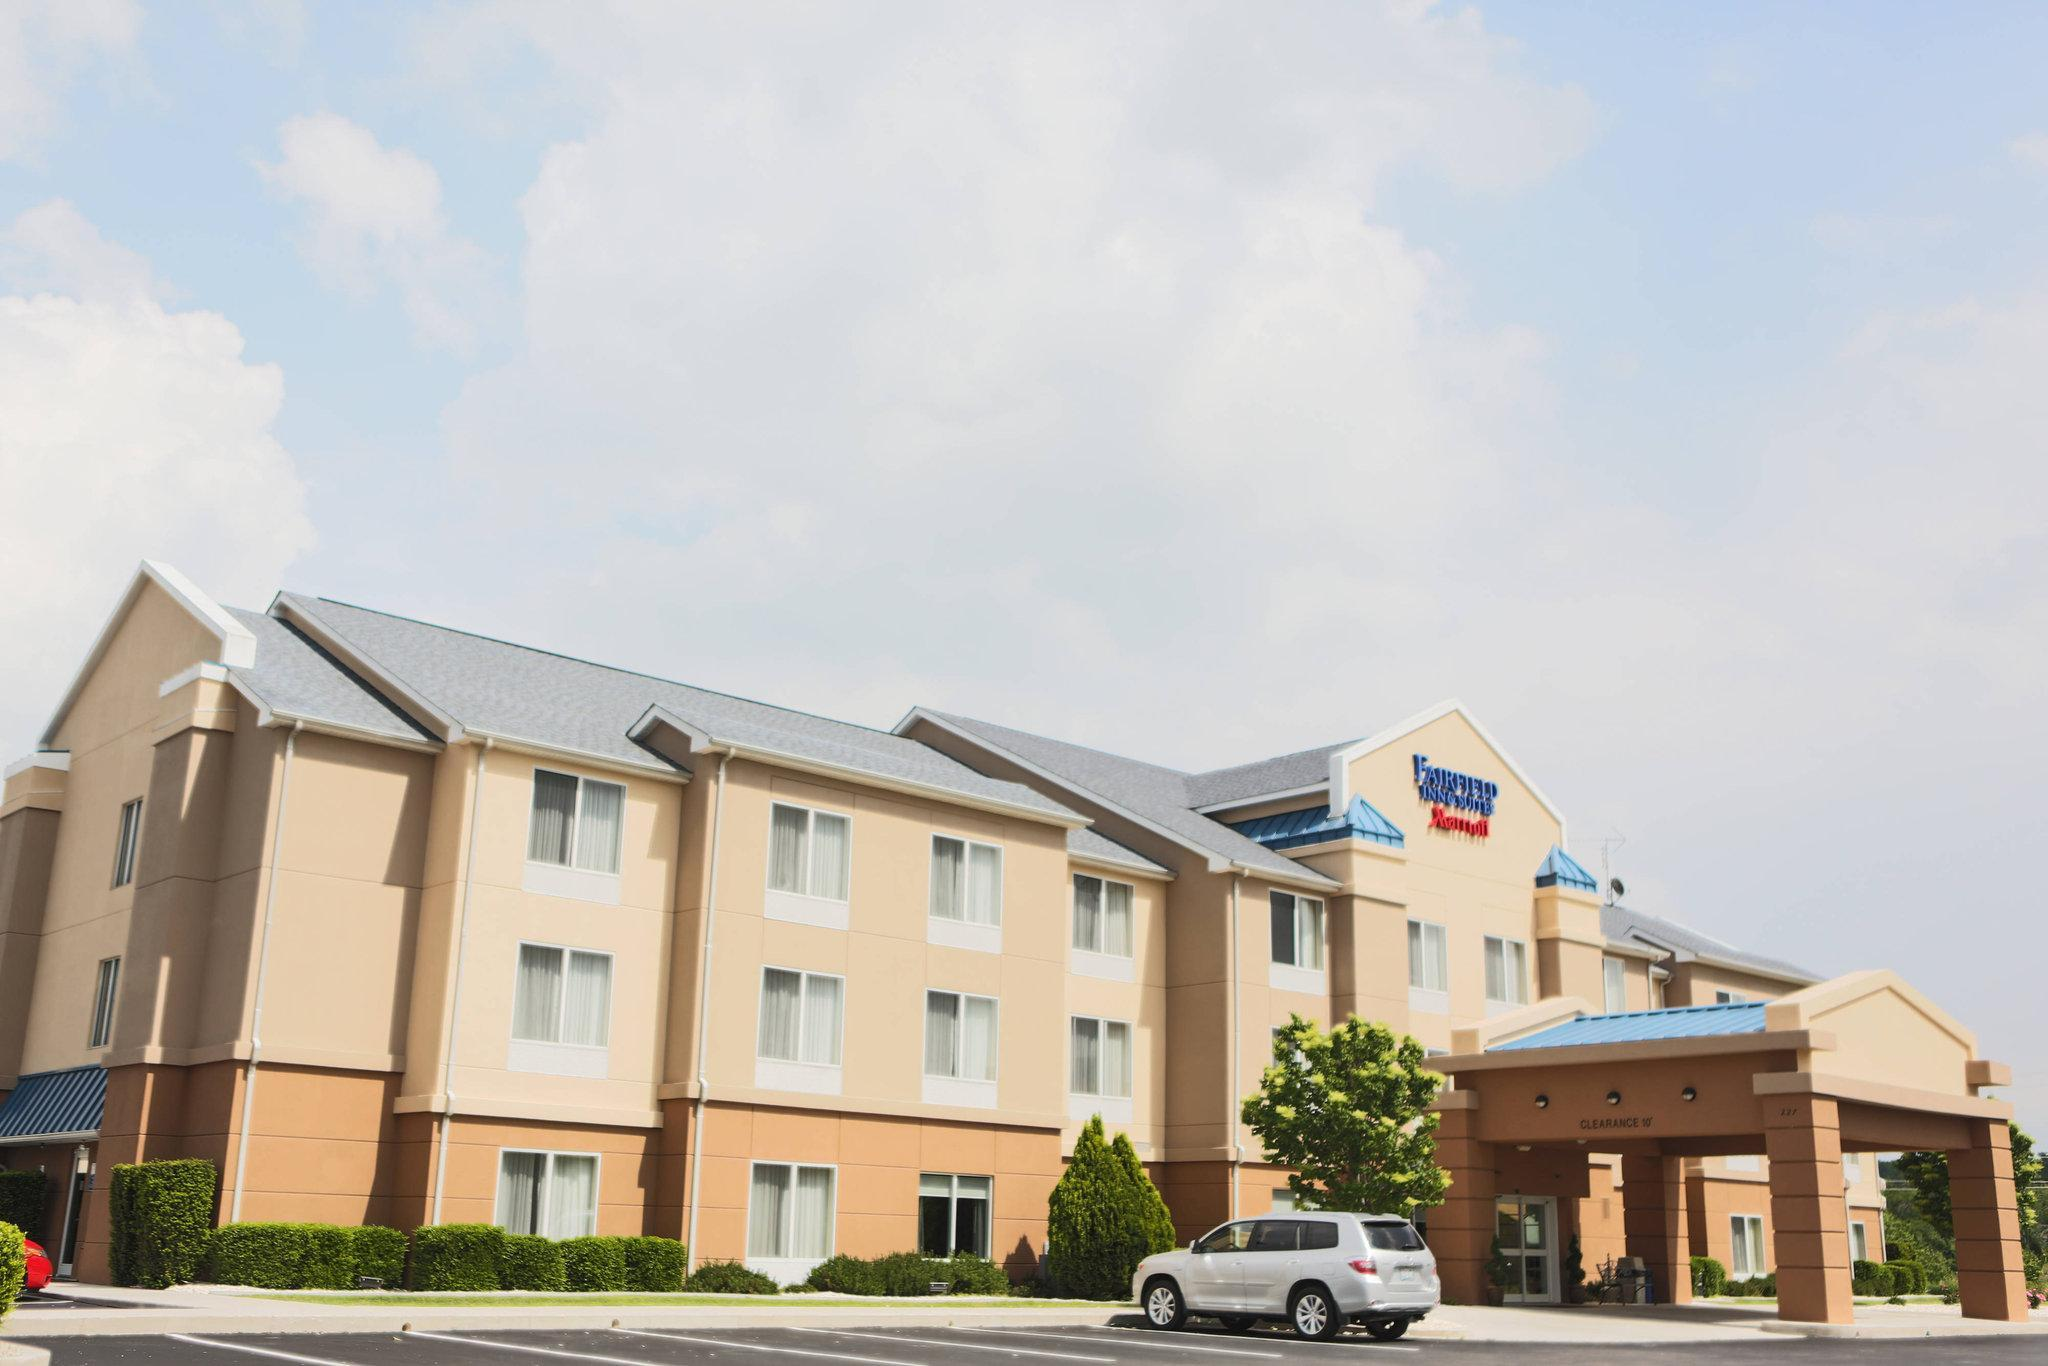 Fairfield Inn And Suites Lexington Berea